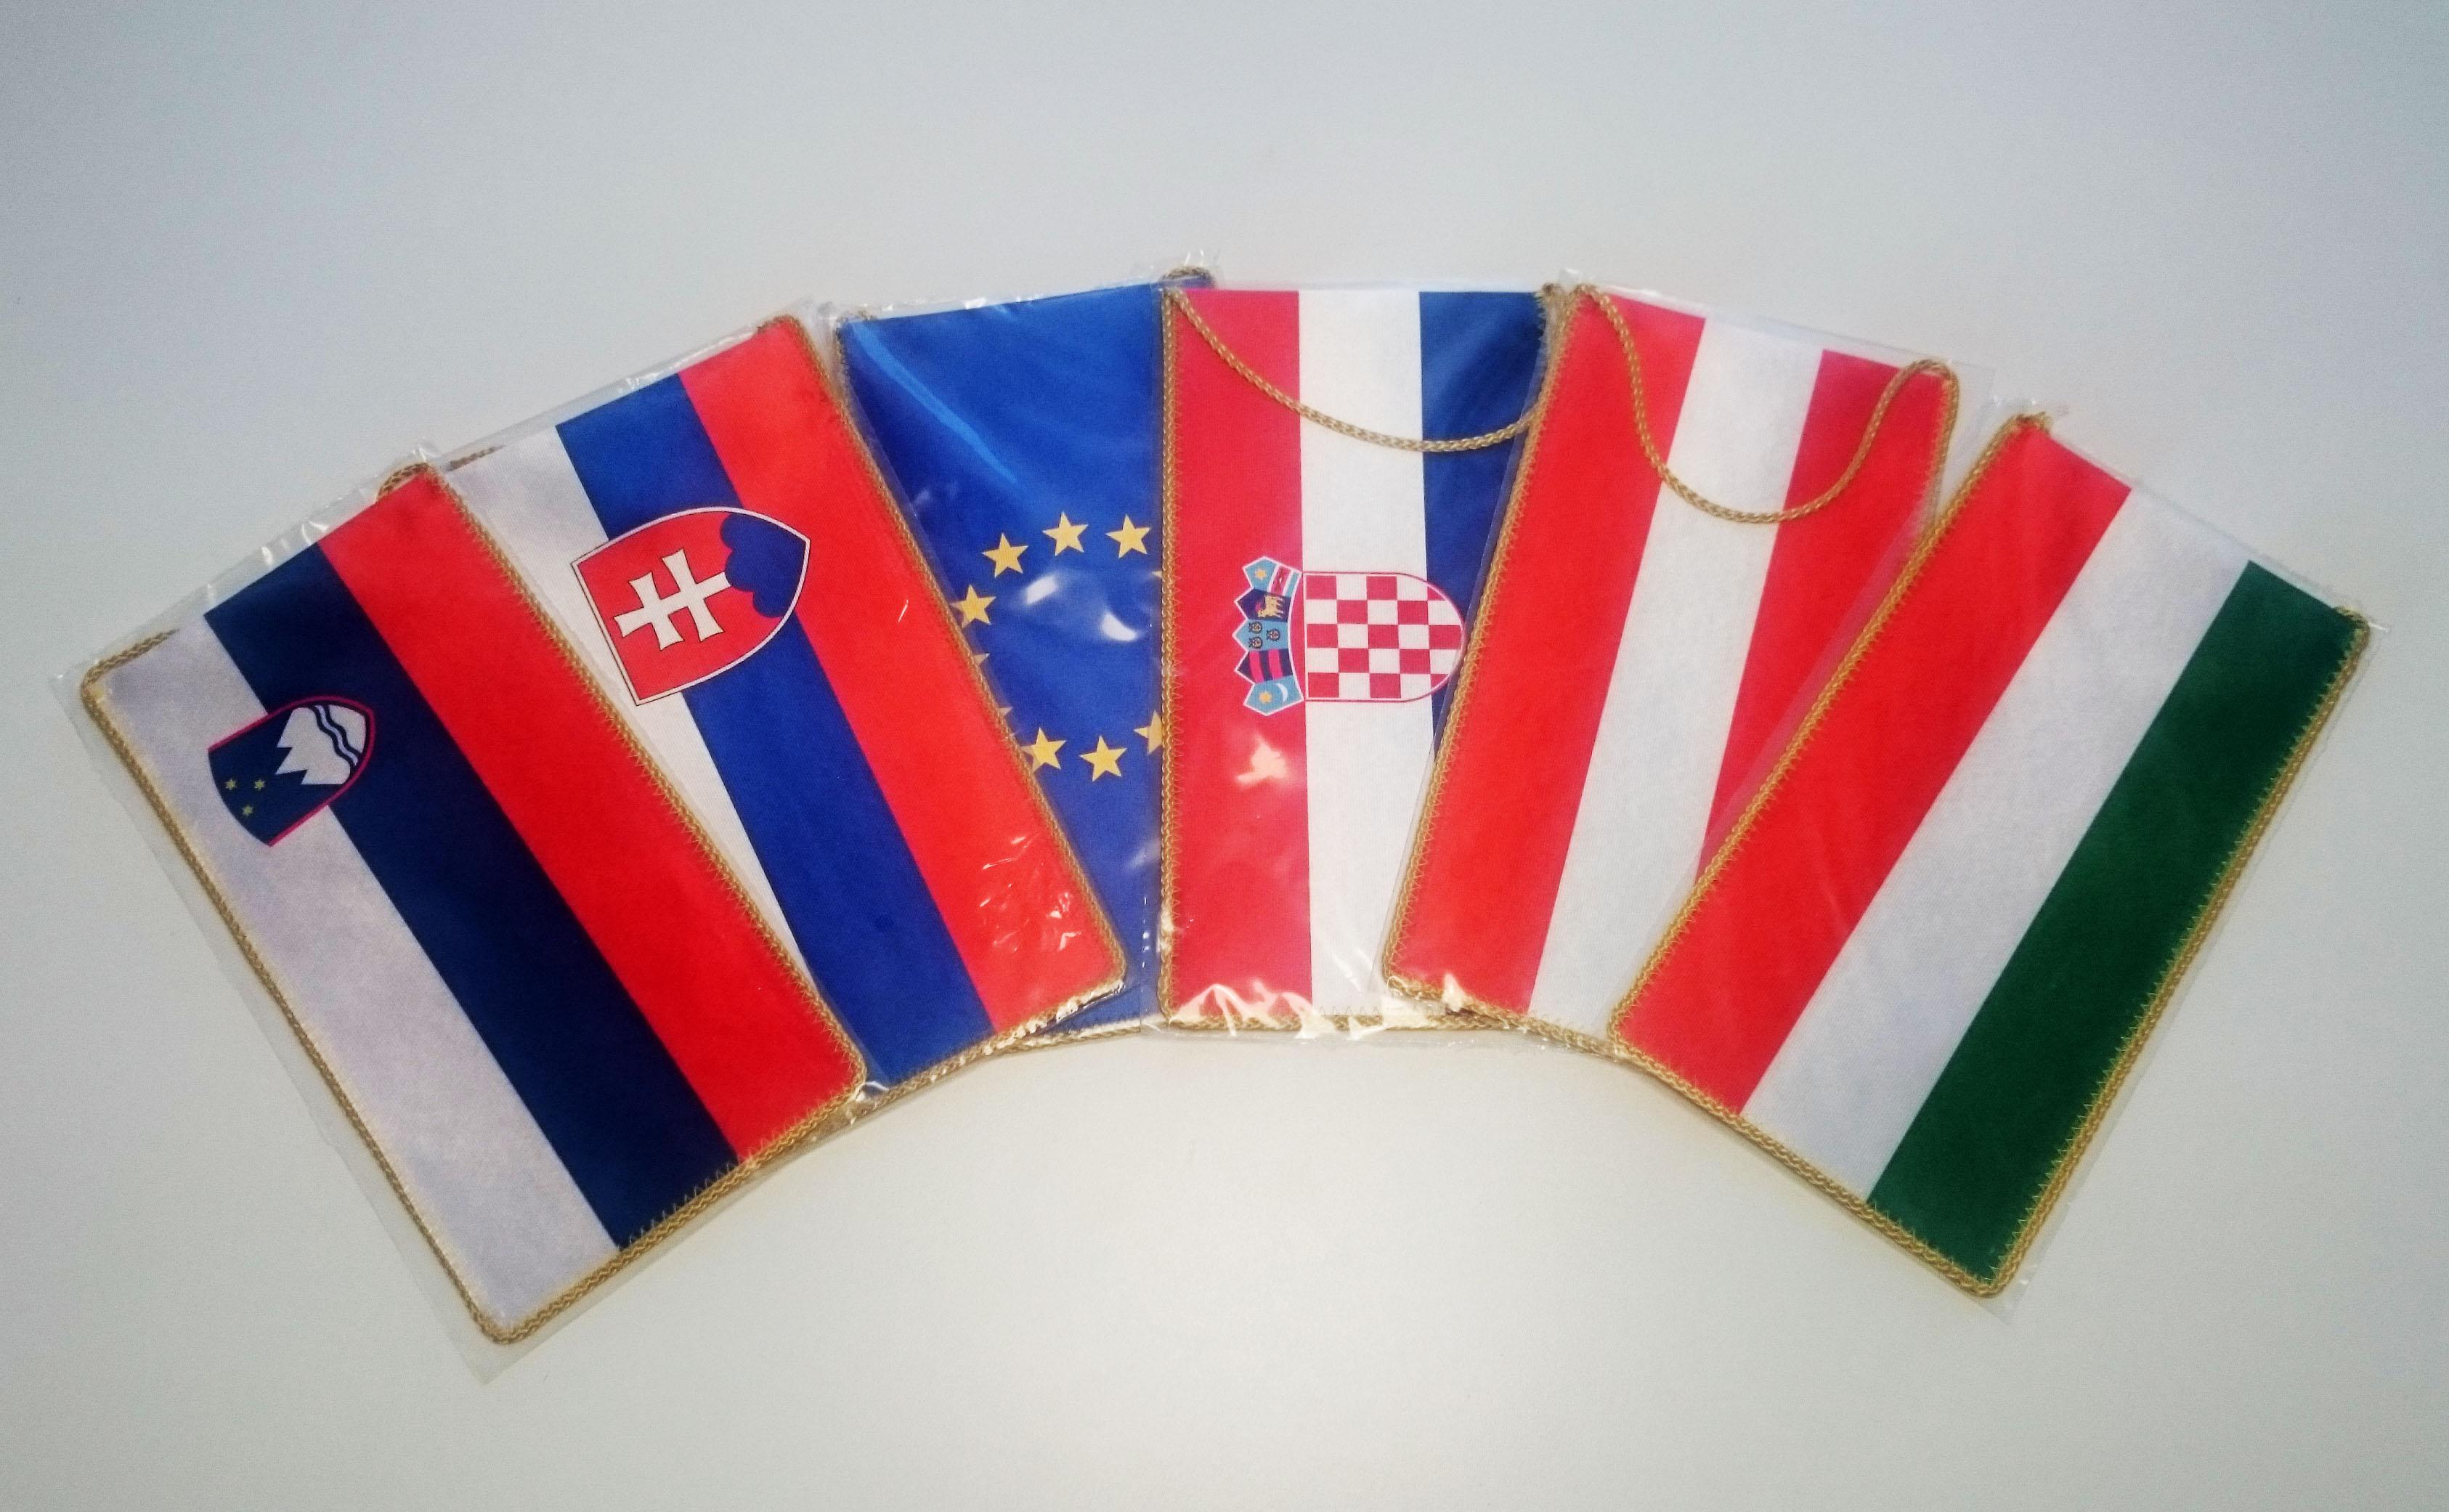 stolna zastavica, zastavica, hrvatska zastava, zastava